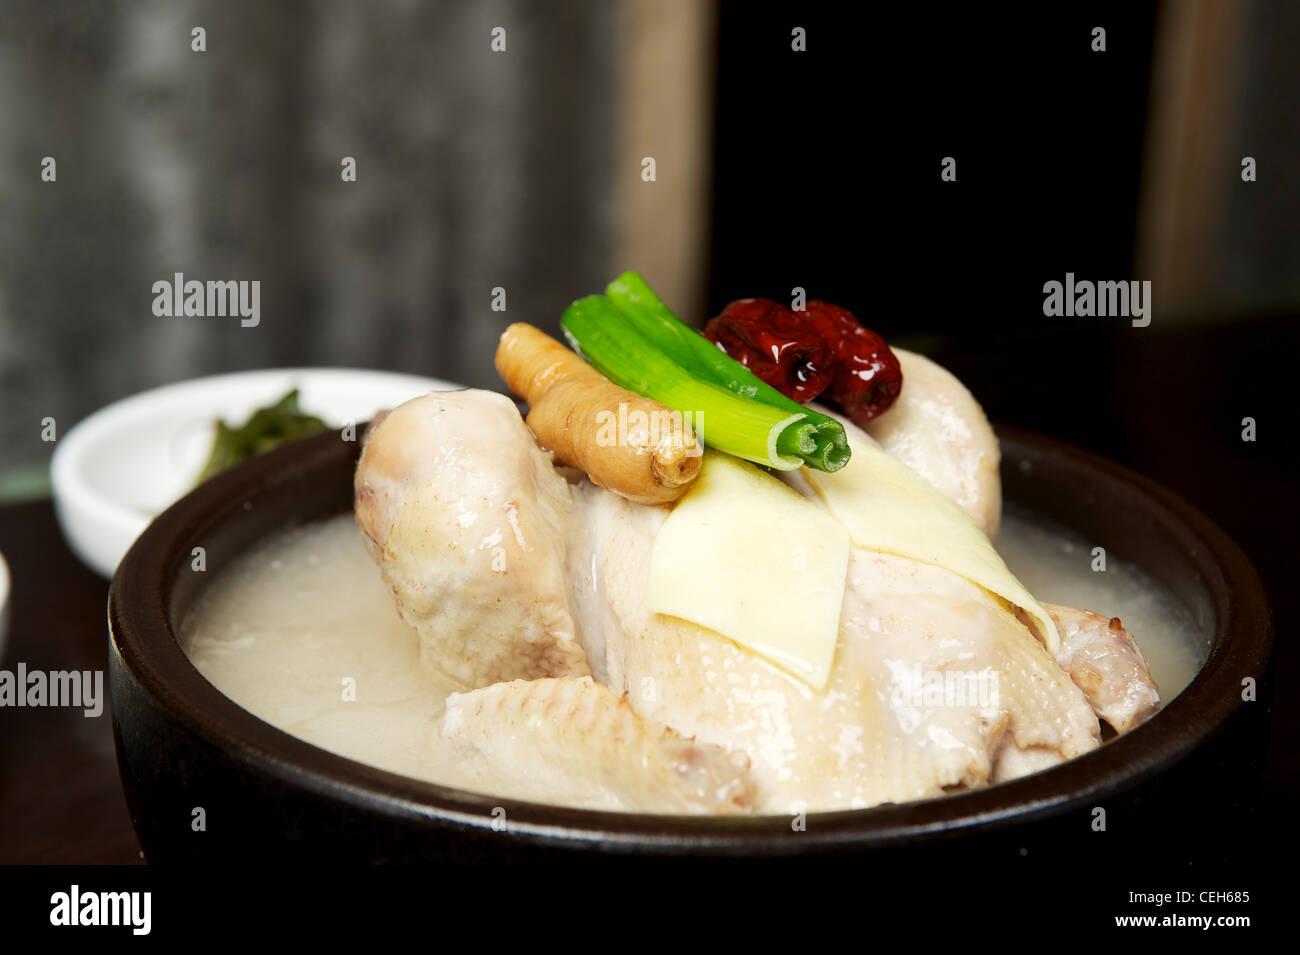 Koreanische Hühnersuppe mit ganzes Huhn Stockbild